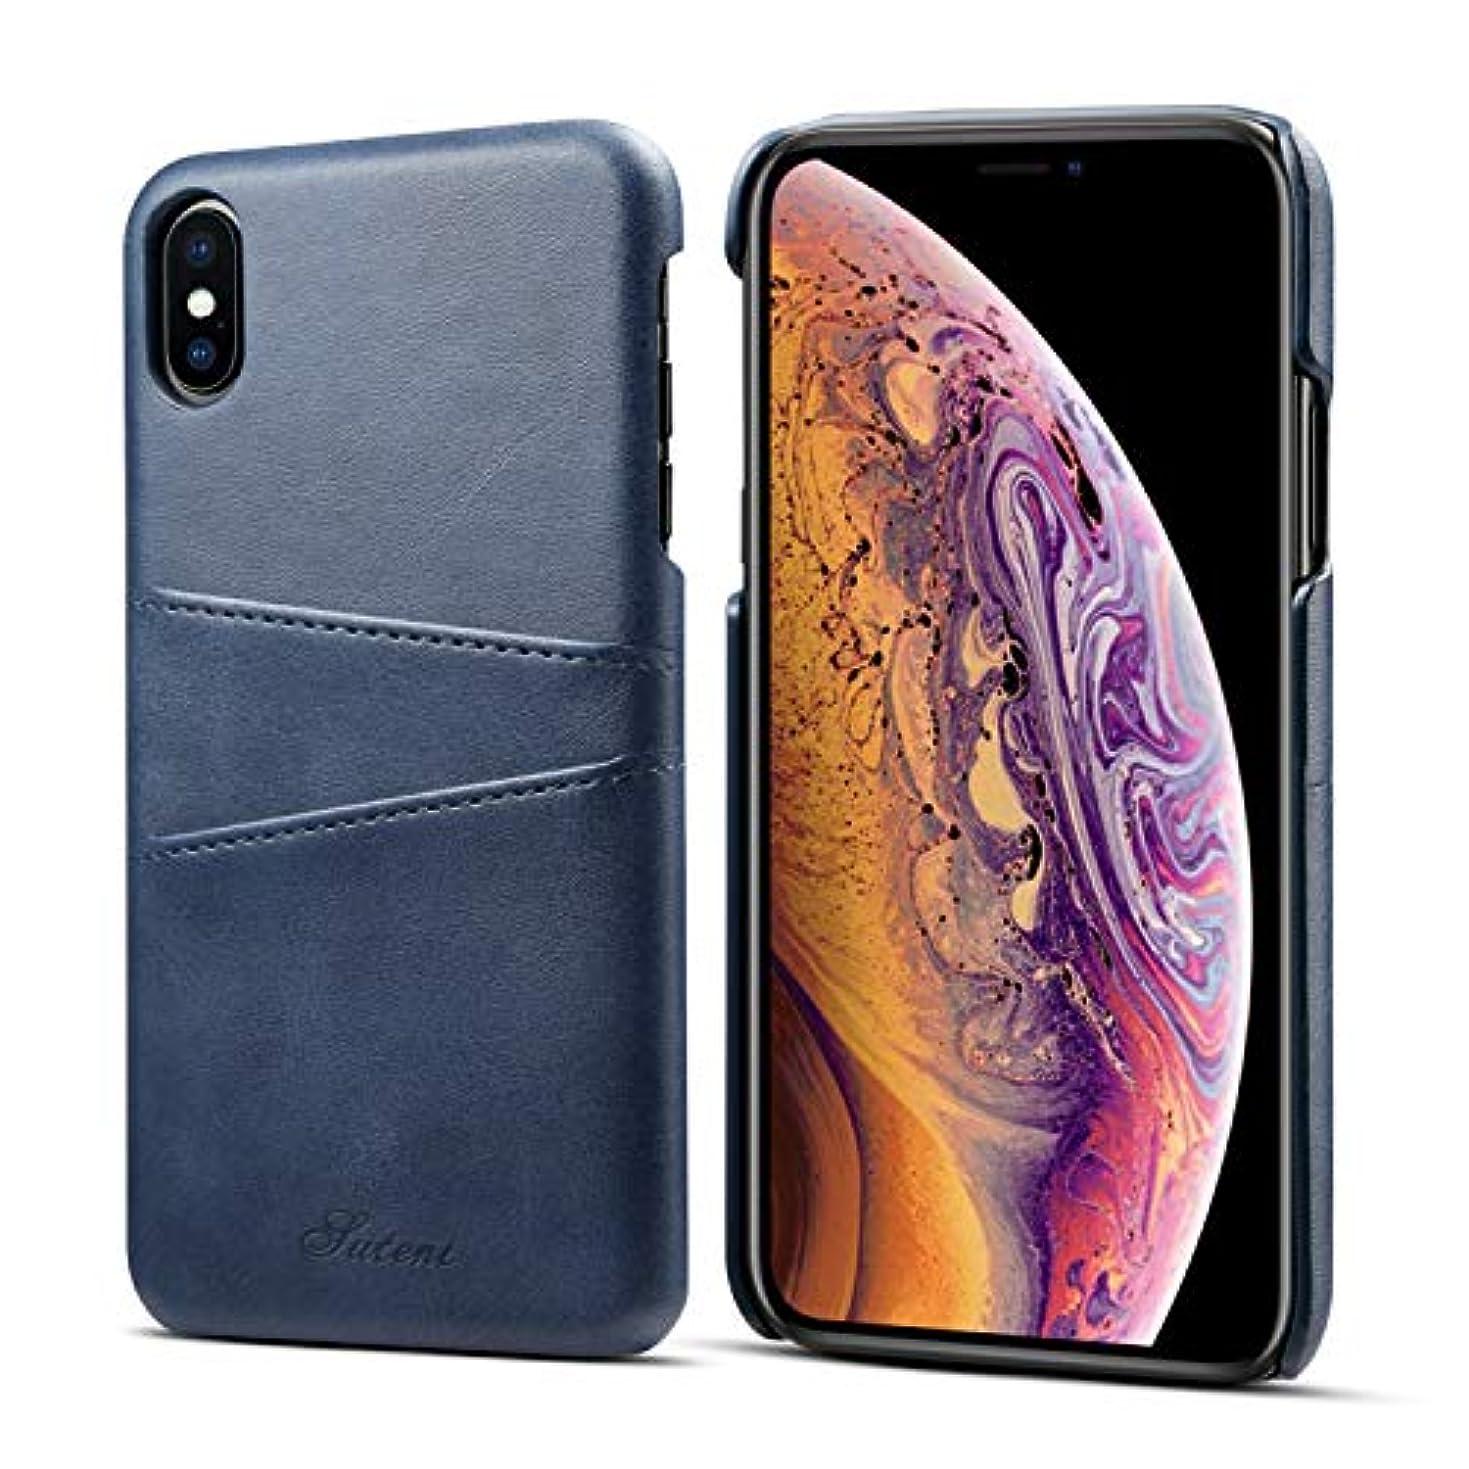 細い基礎理論喪iPhone XS Maxのための財布ケース、カード/ IDホルダースロット付きtaStoneプレミアムPUレザー電話ケースカバー6.5インチiPhone XS Maxのための軽量クラシックスタイルスリム保護スクリーンケース...